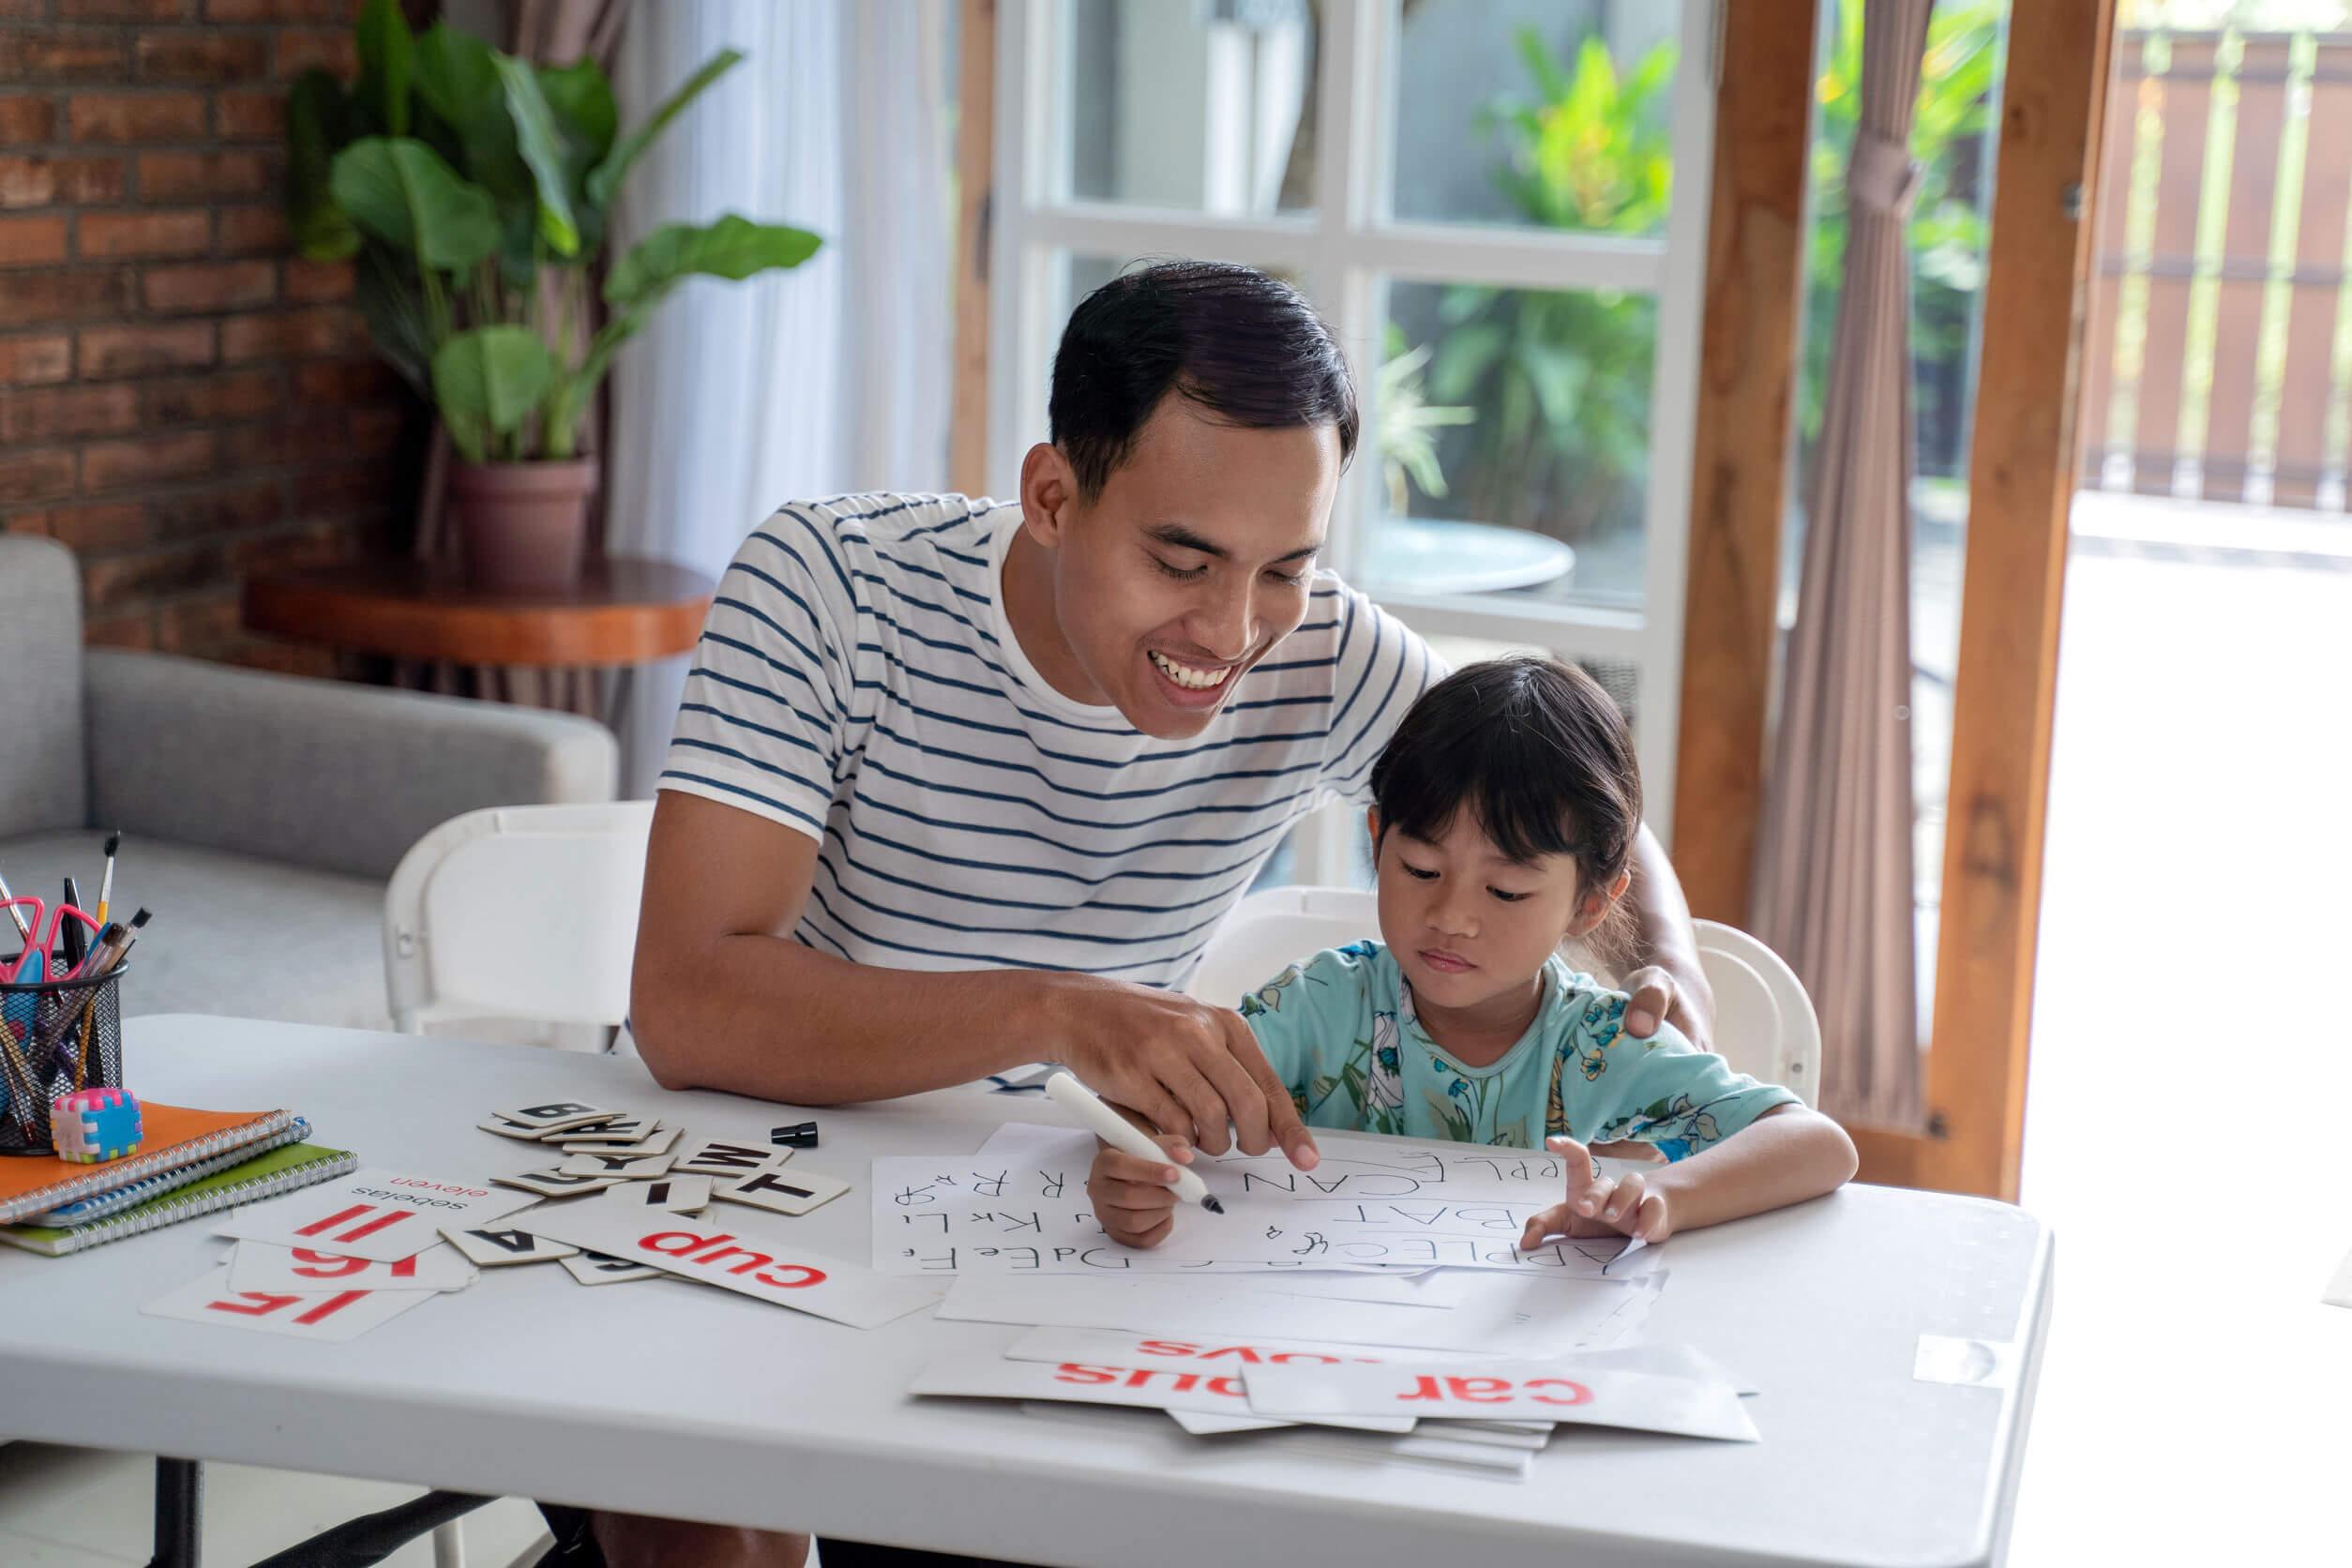 Padre ayudando a su hija a estudiar para darle una buena educación.